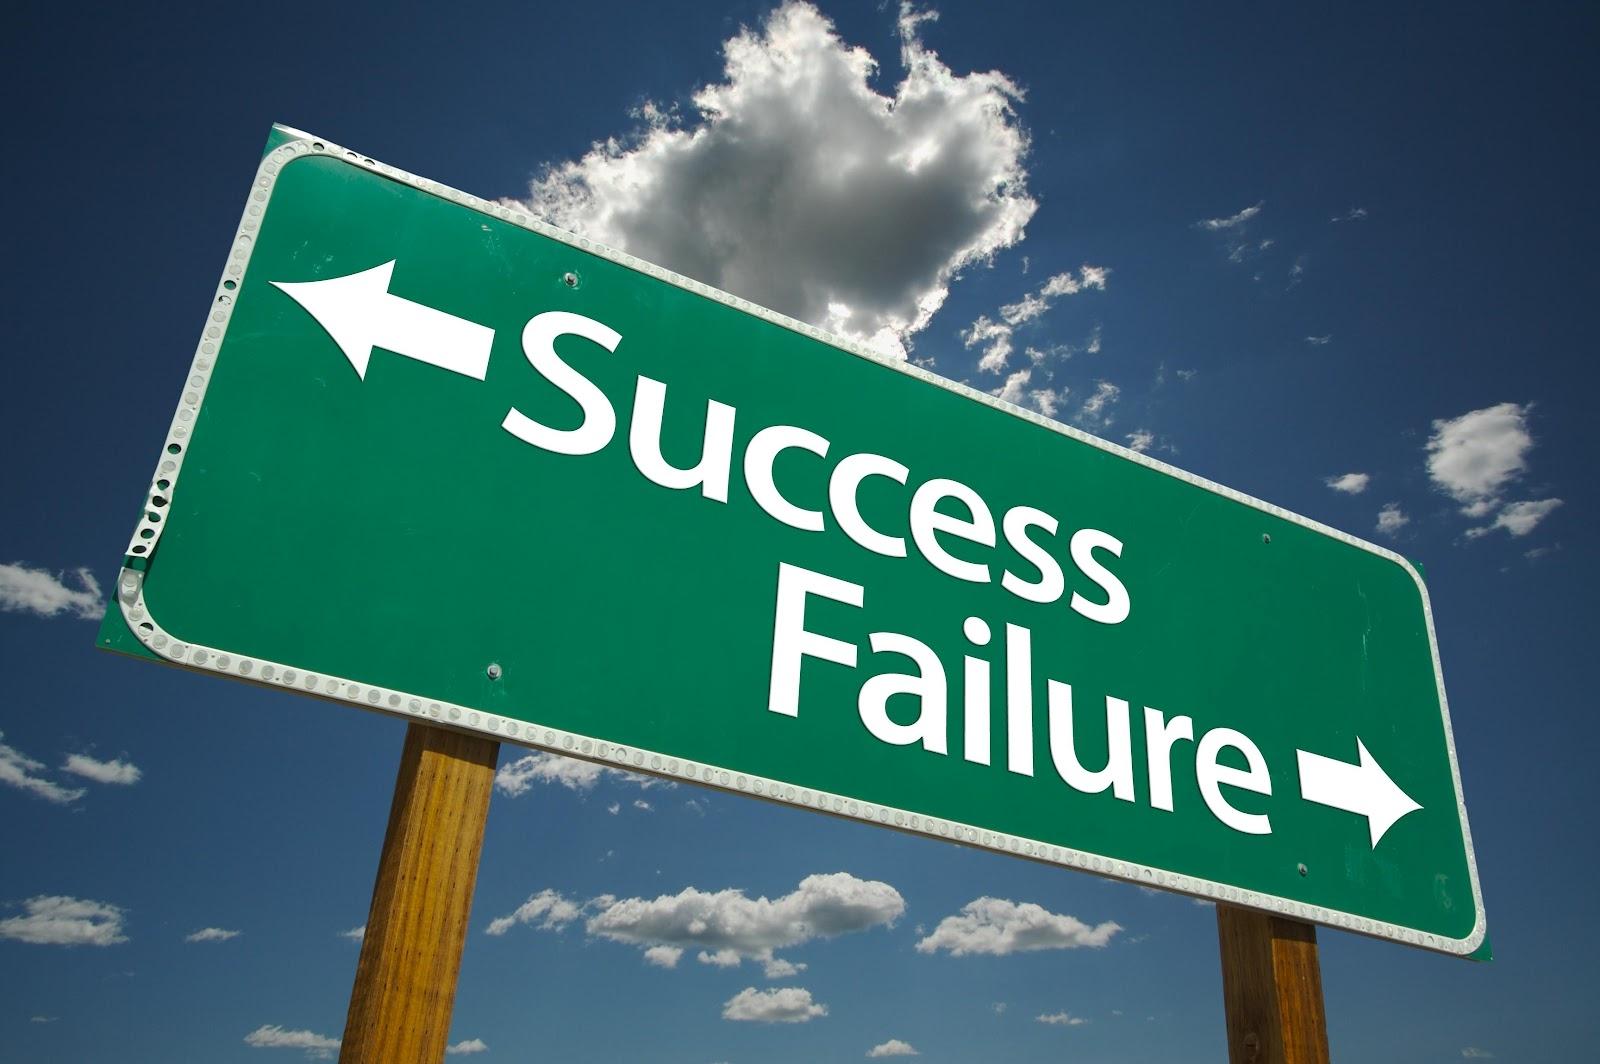 Làm gì để nhận biết và vượt qua nỗi sợ thất bại?